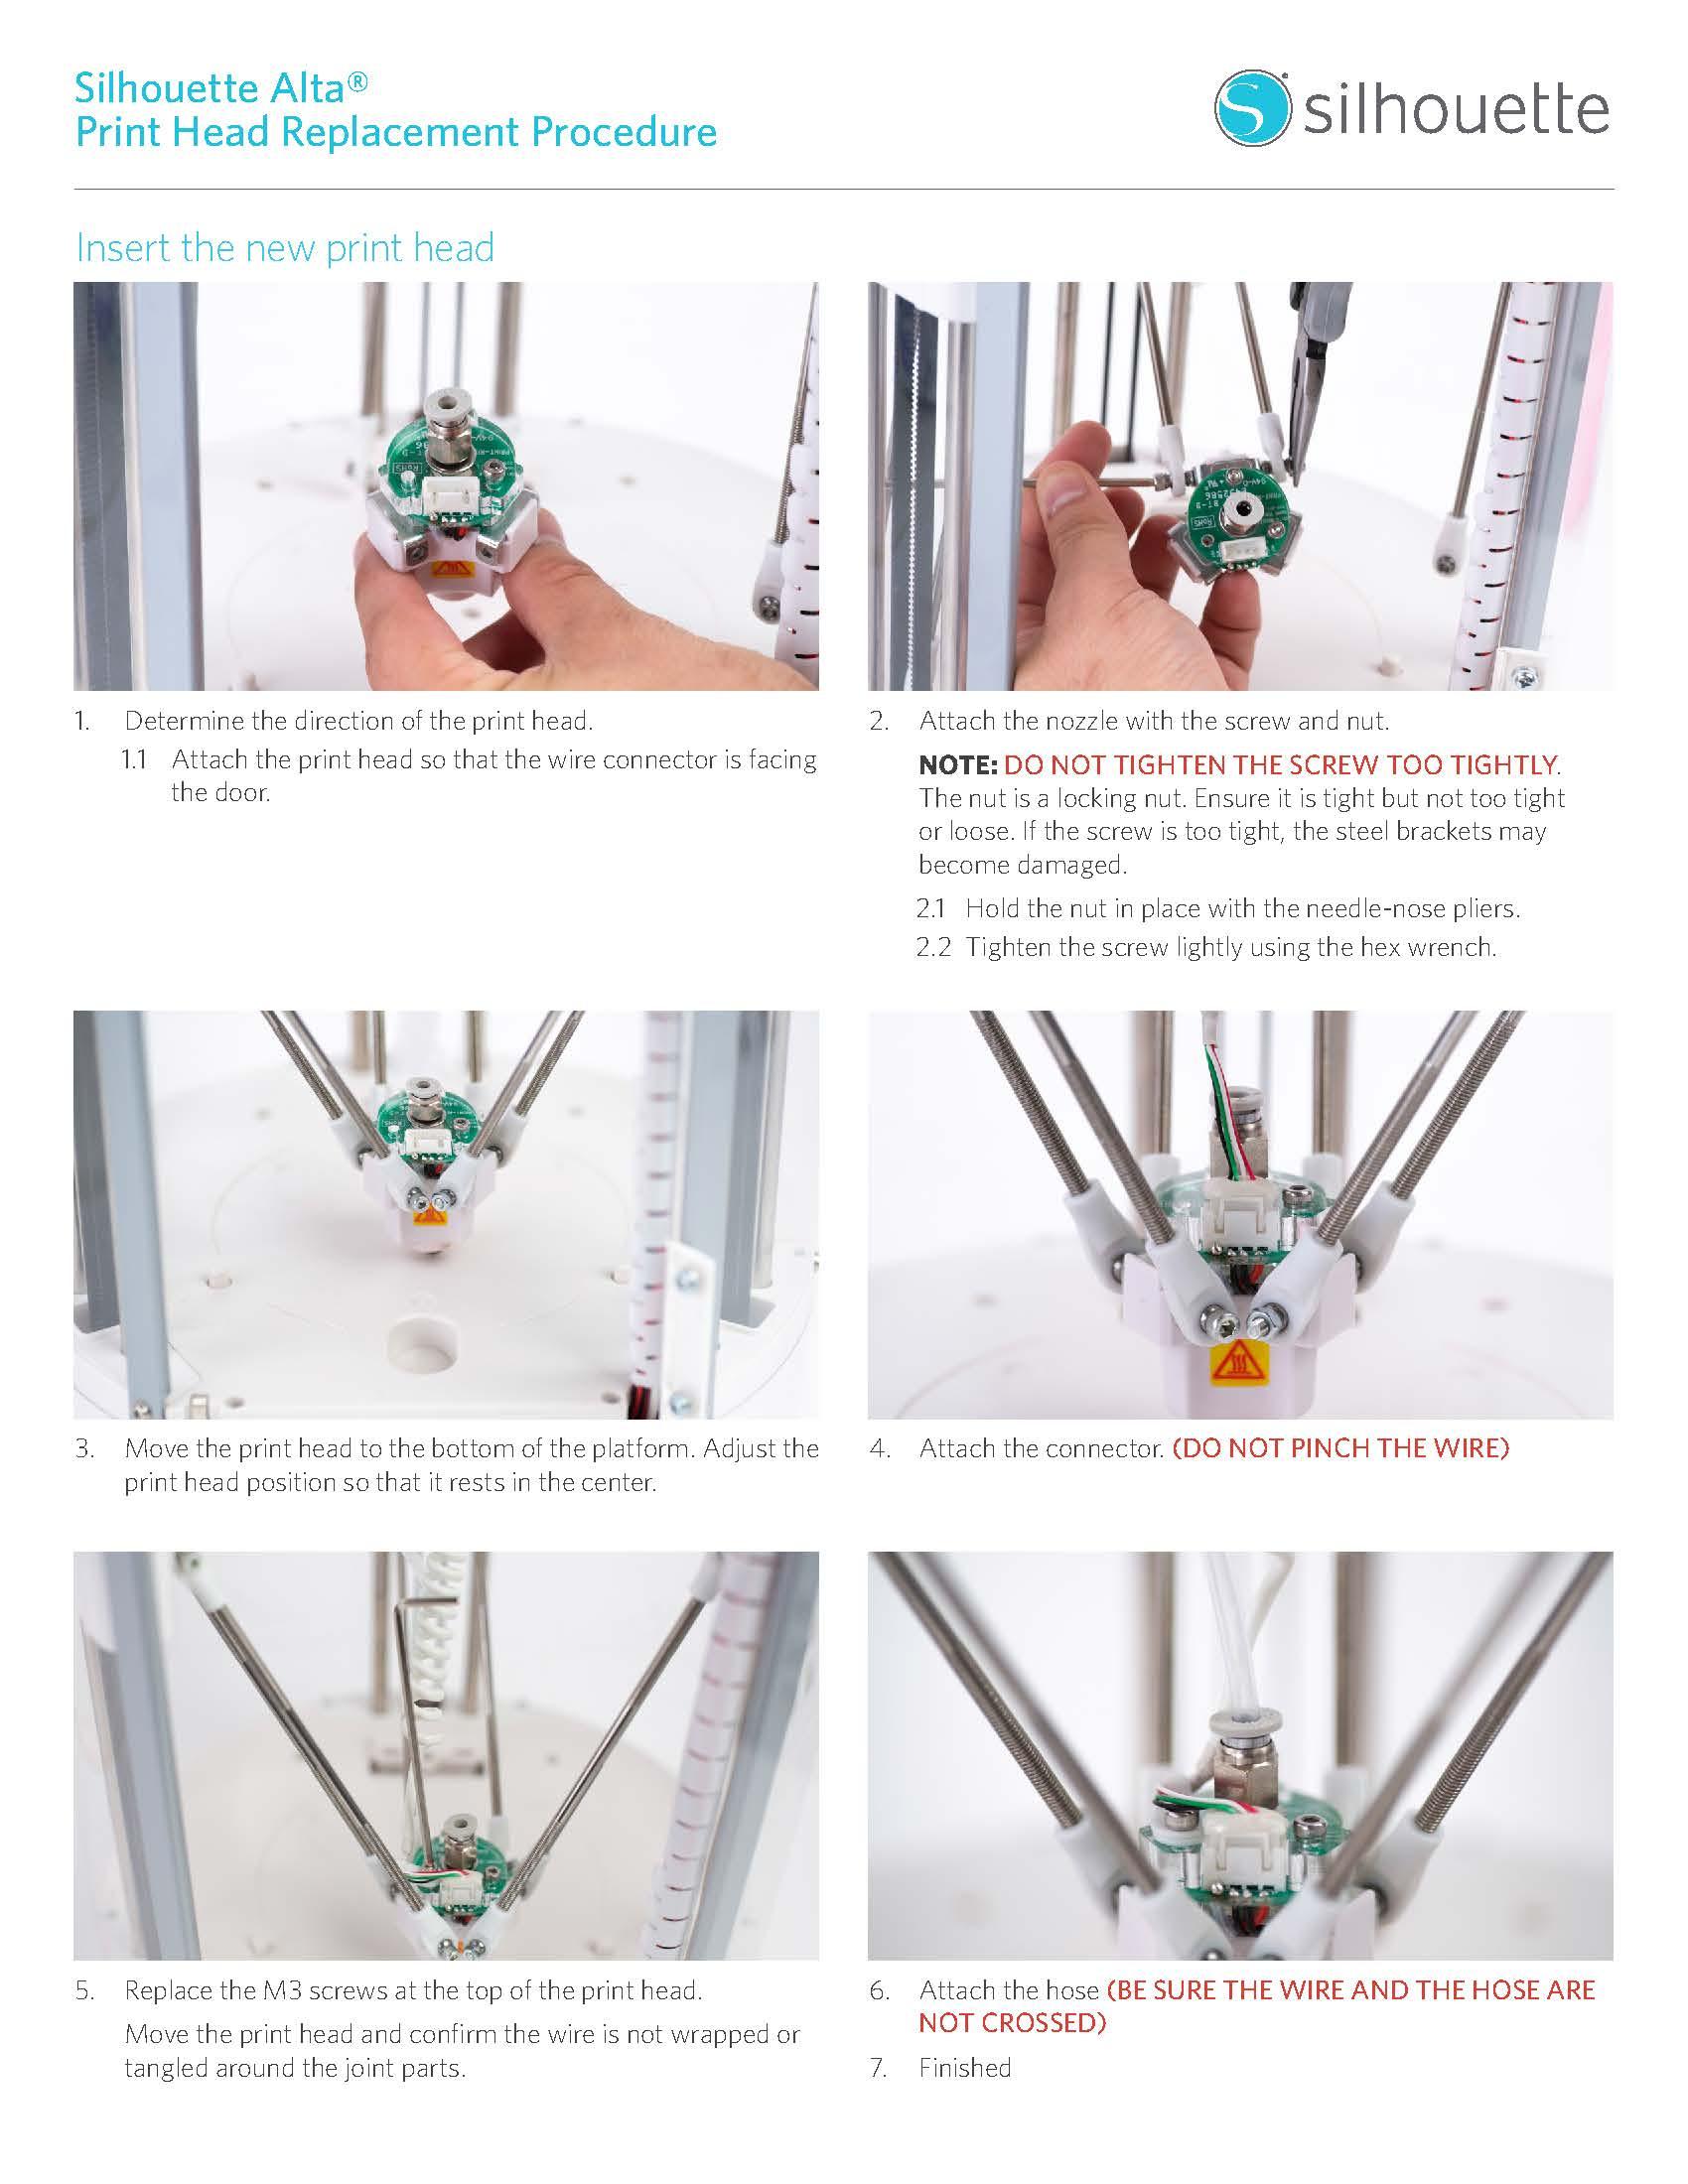 หัวพิมพ์เครื่อง 3D. Silhouette Alta, เครื่องพิมพ์ 3มิติ